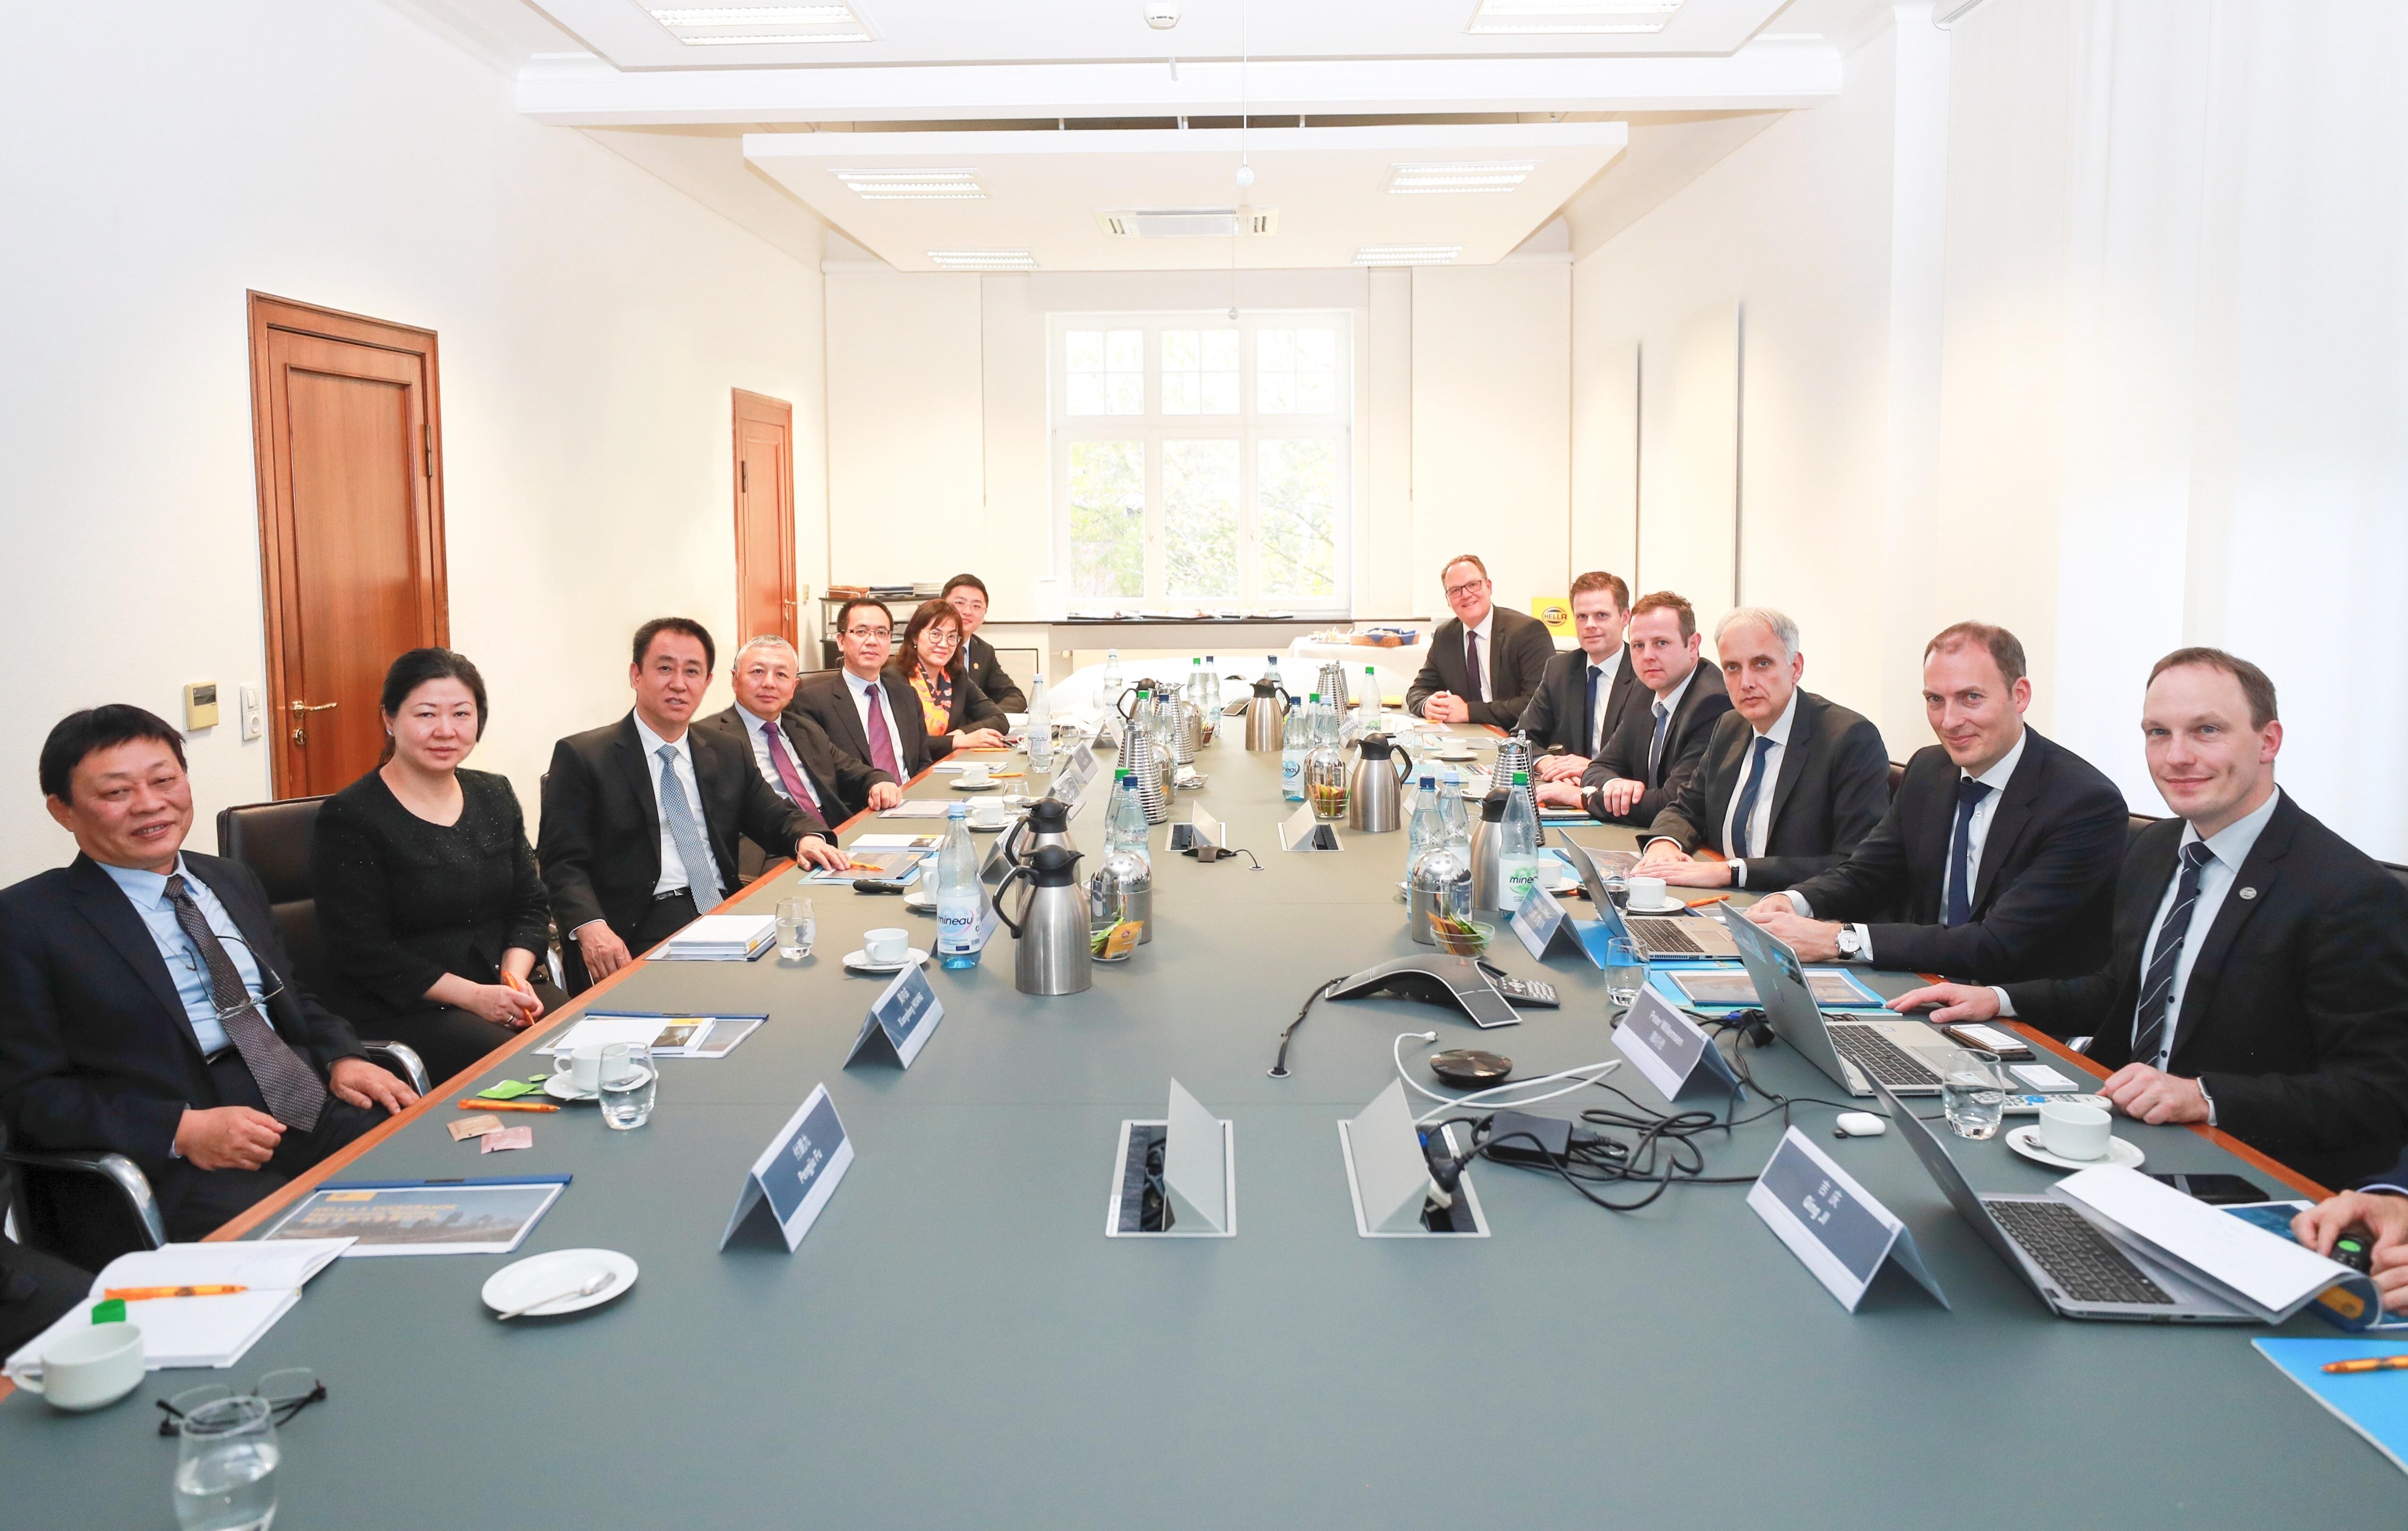 许家印一行与海拉首席执行官Rolf Breidenbach 及高管团队会谈